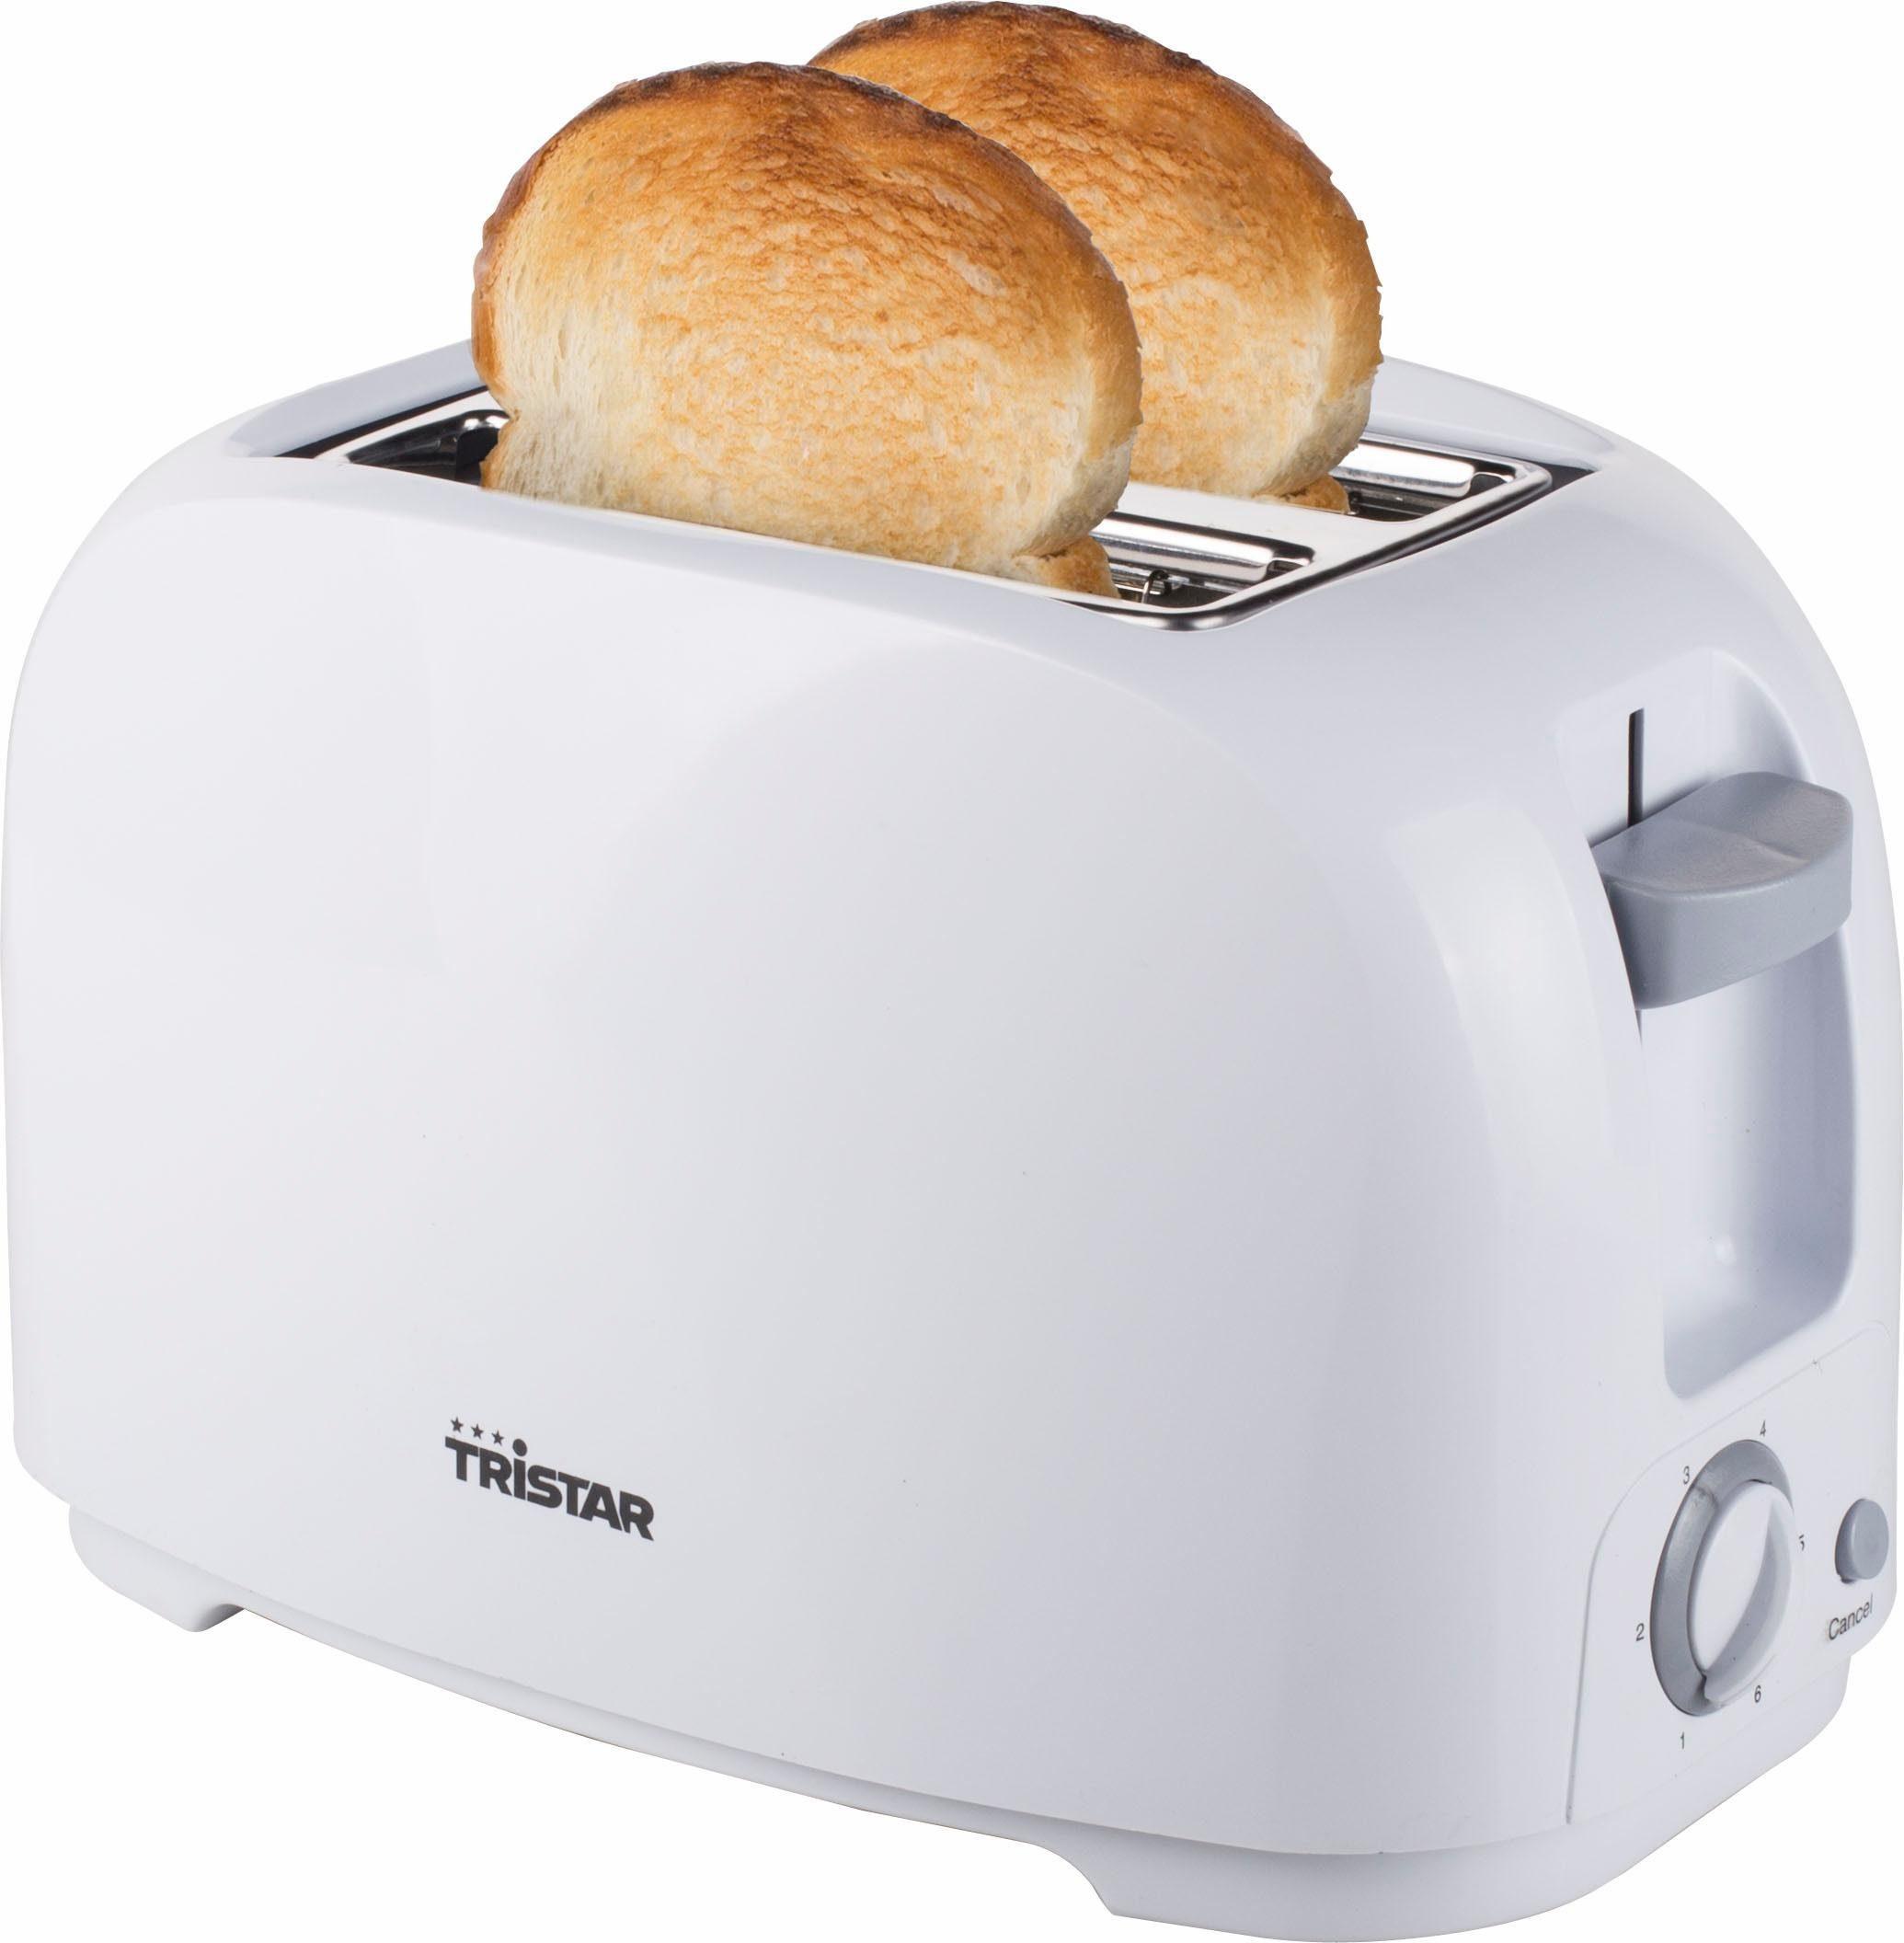 Tristar Toaster BR-1013, 2 kurze Schlitze, für 2 Scheiben, 800 W